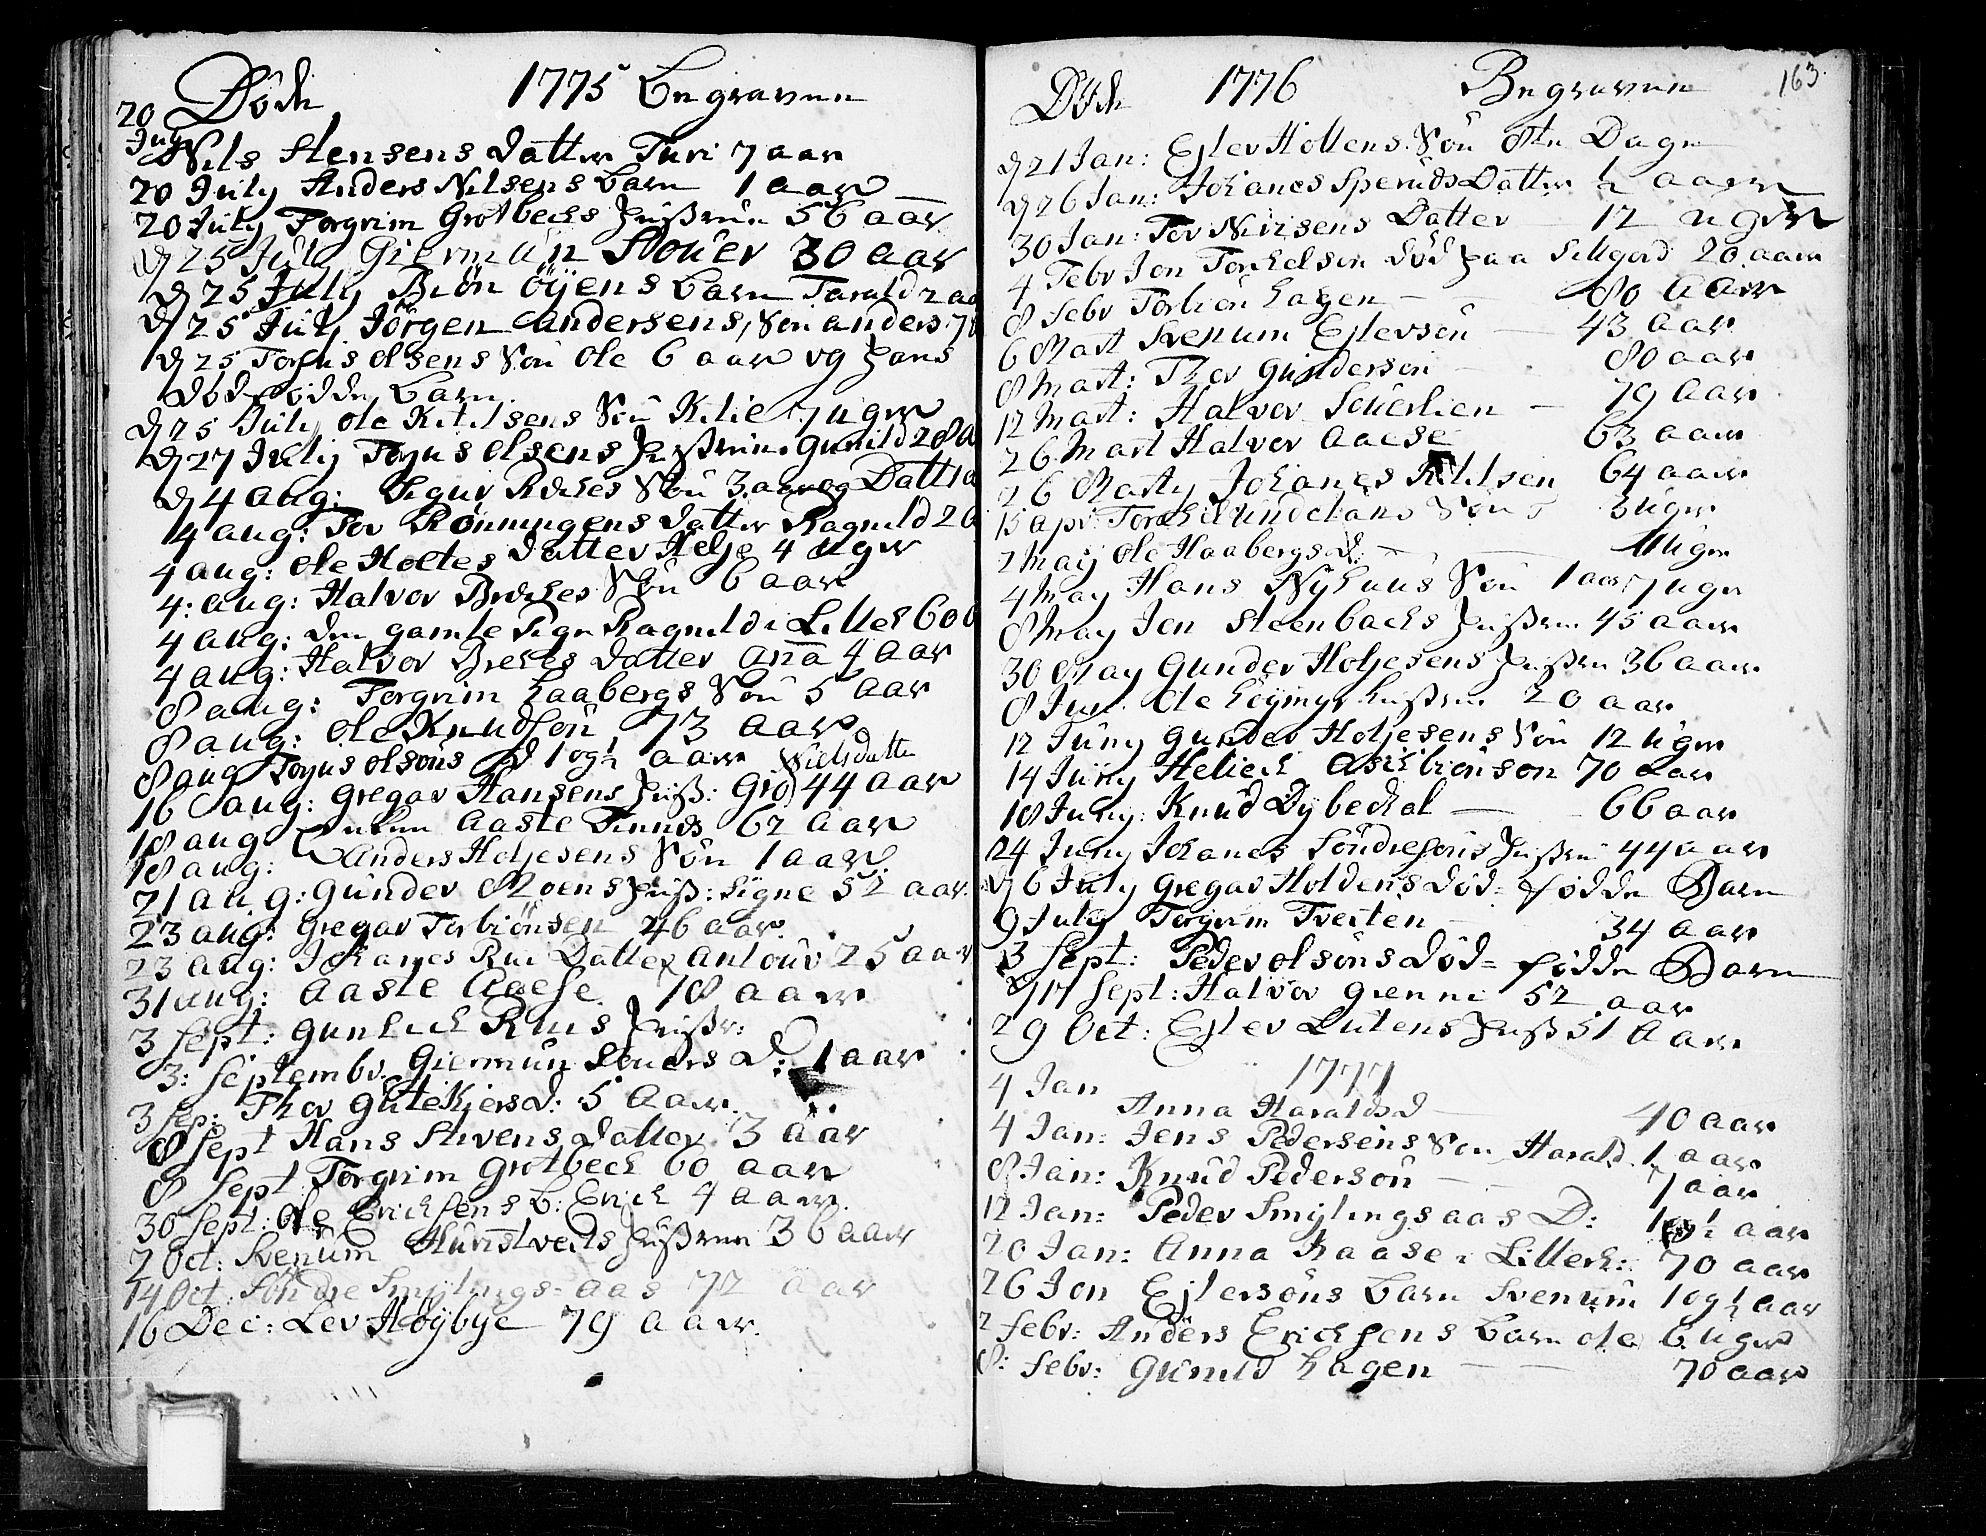 SAKO, Heddal kirkebøker, F/Fa/L0003: Ministerialbok nr. I 3, 1723-1783, s. 163